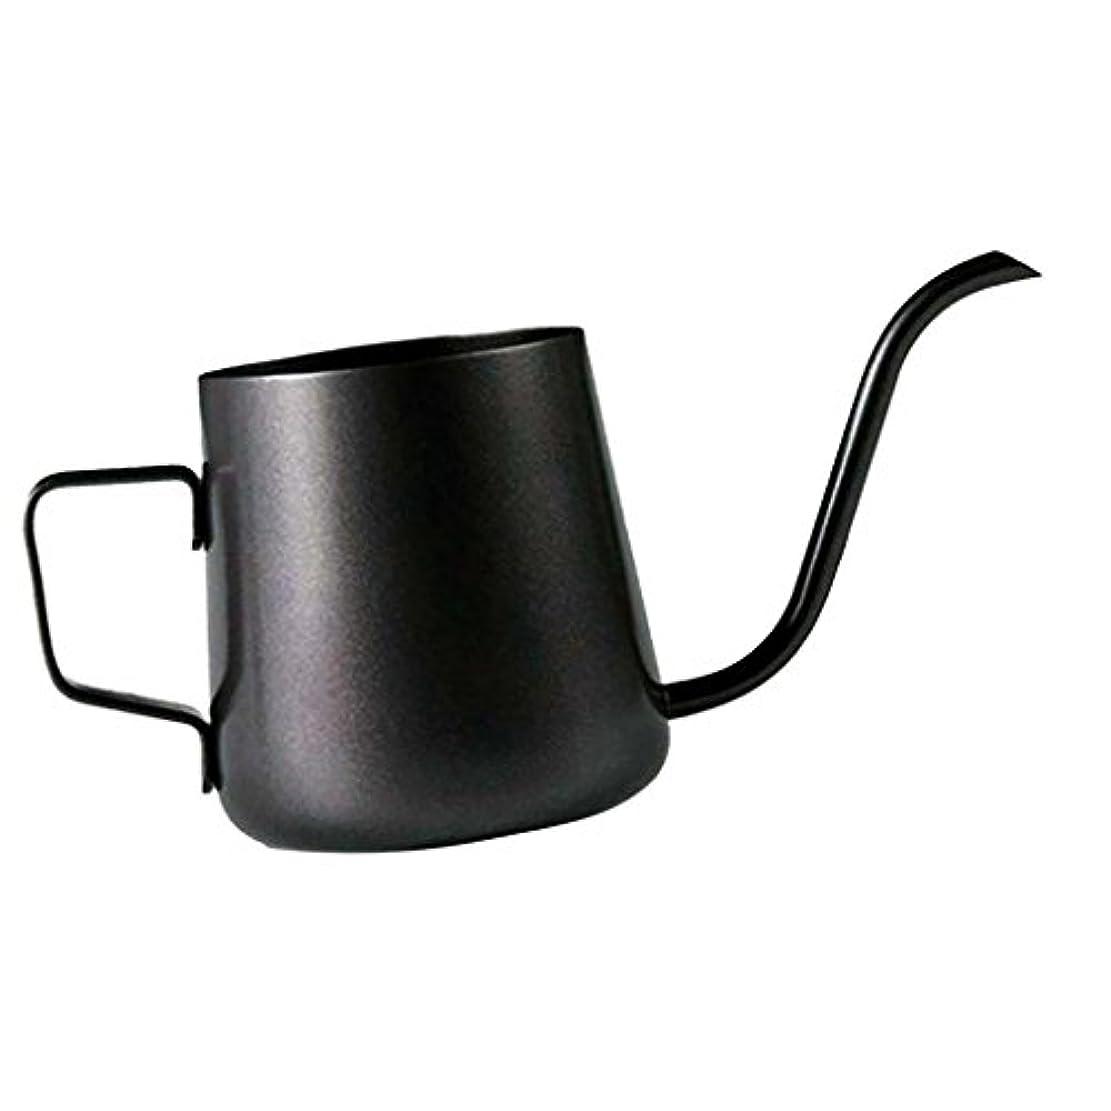 集中ラバヒギンズHomeland コーヒーポット お茶などにも対応 クッキング用品 ステンレス製 エスプレッソポット ケトル - ブラック, 250ミリリットル